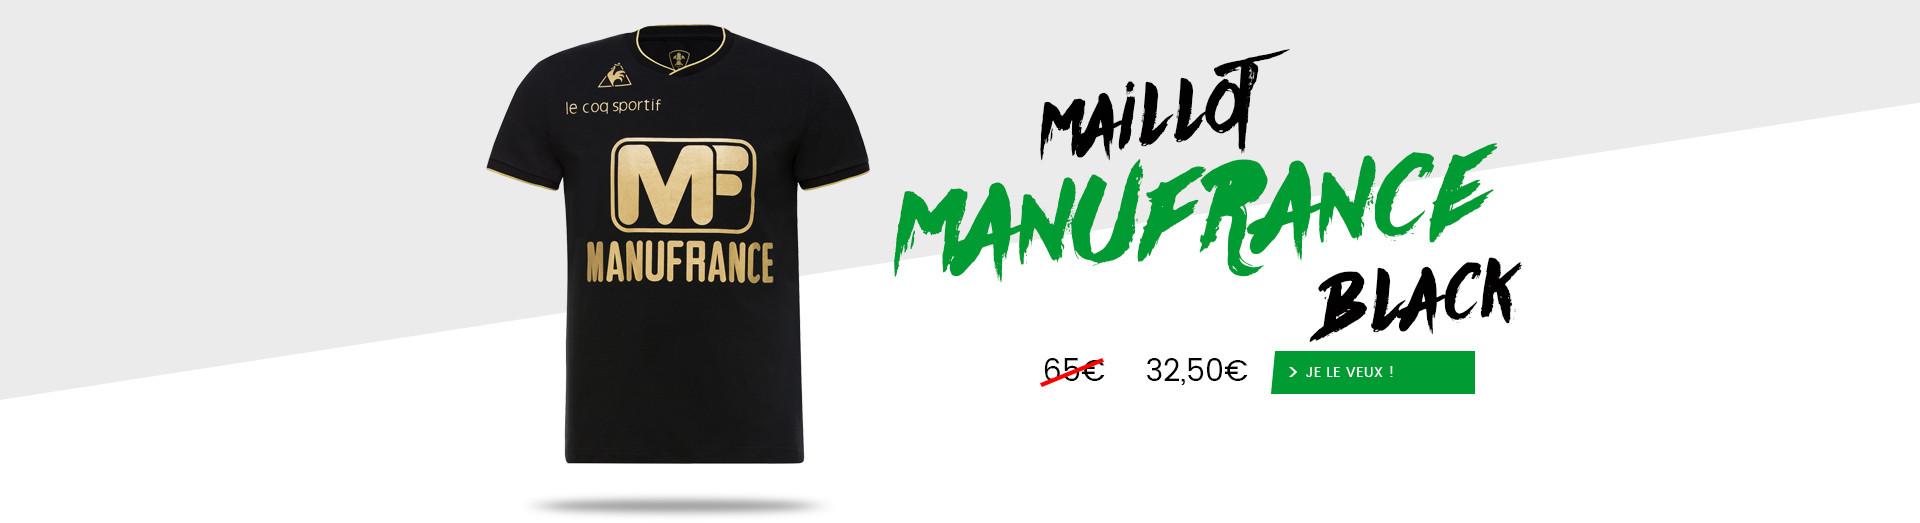 Maillot Manufrance Black à -50%